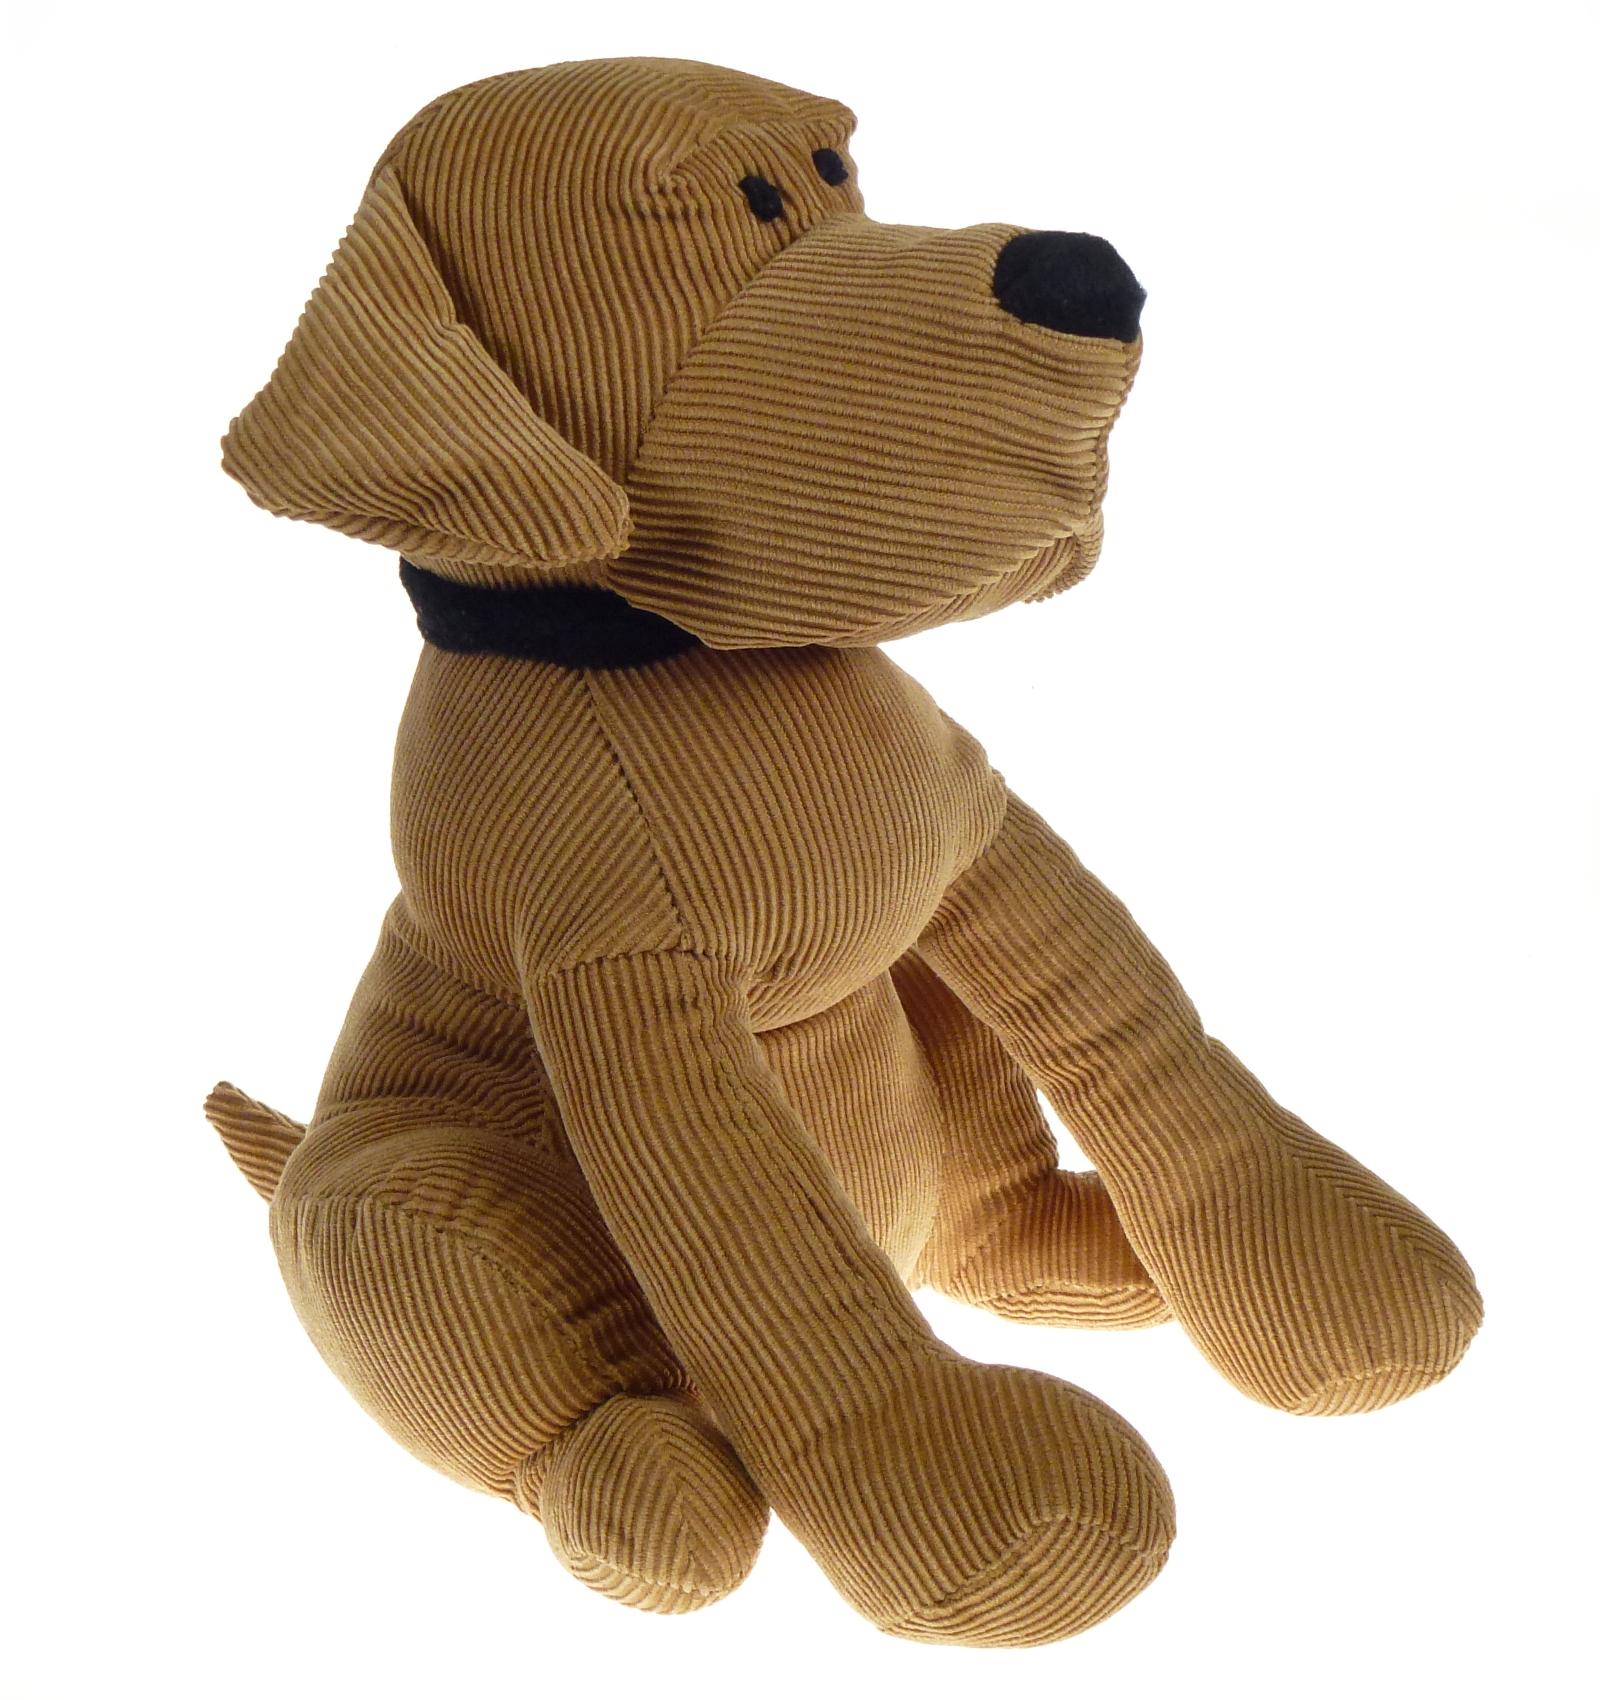 Brown dog door stopper 1kg heavy weight ribbed style animal home decor doorstop ebay - Dog door blocker ...